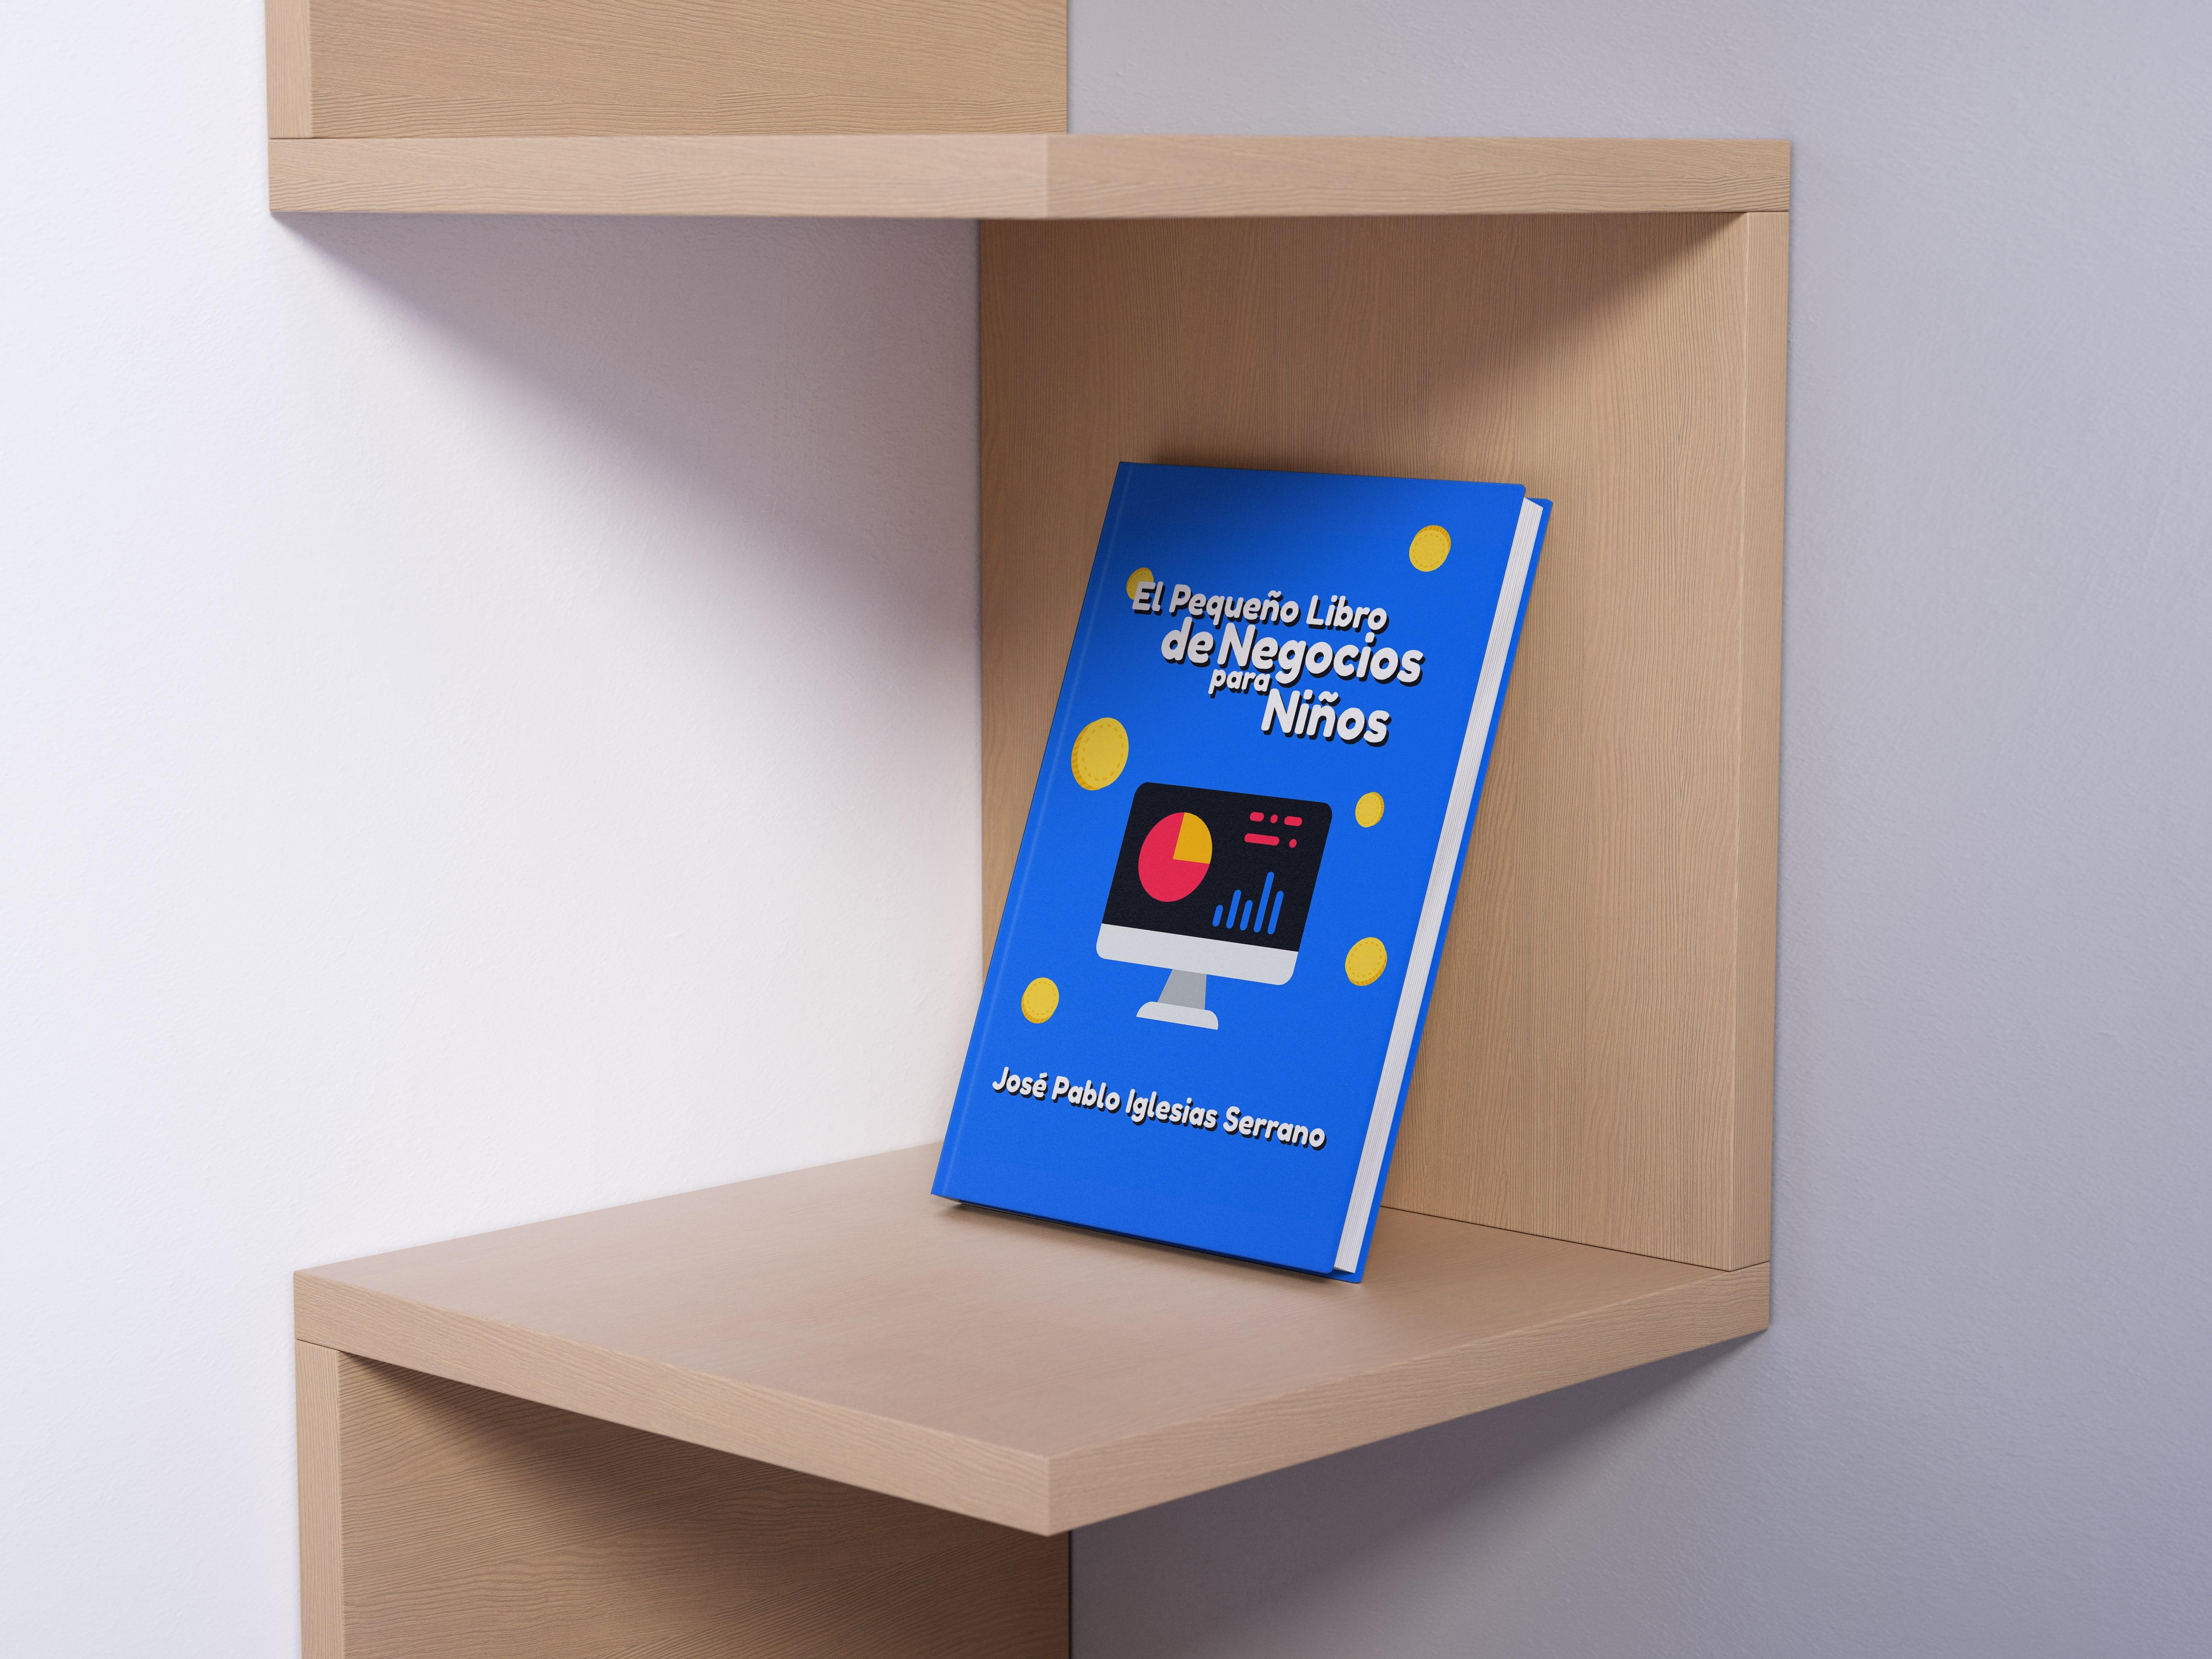 El Pequeño Libro de Negocios para Niños